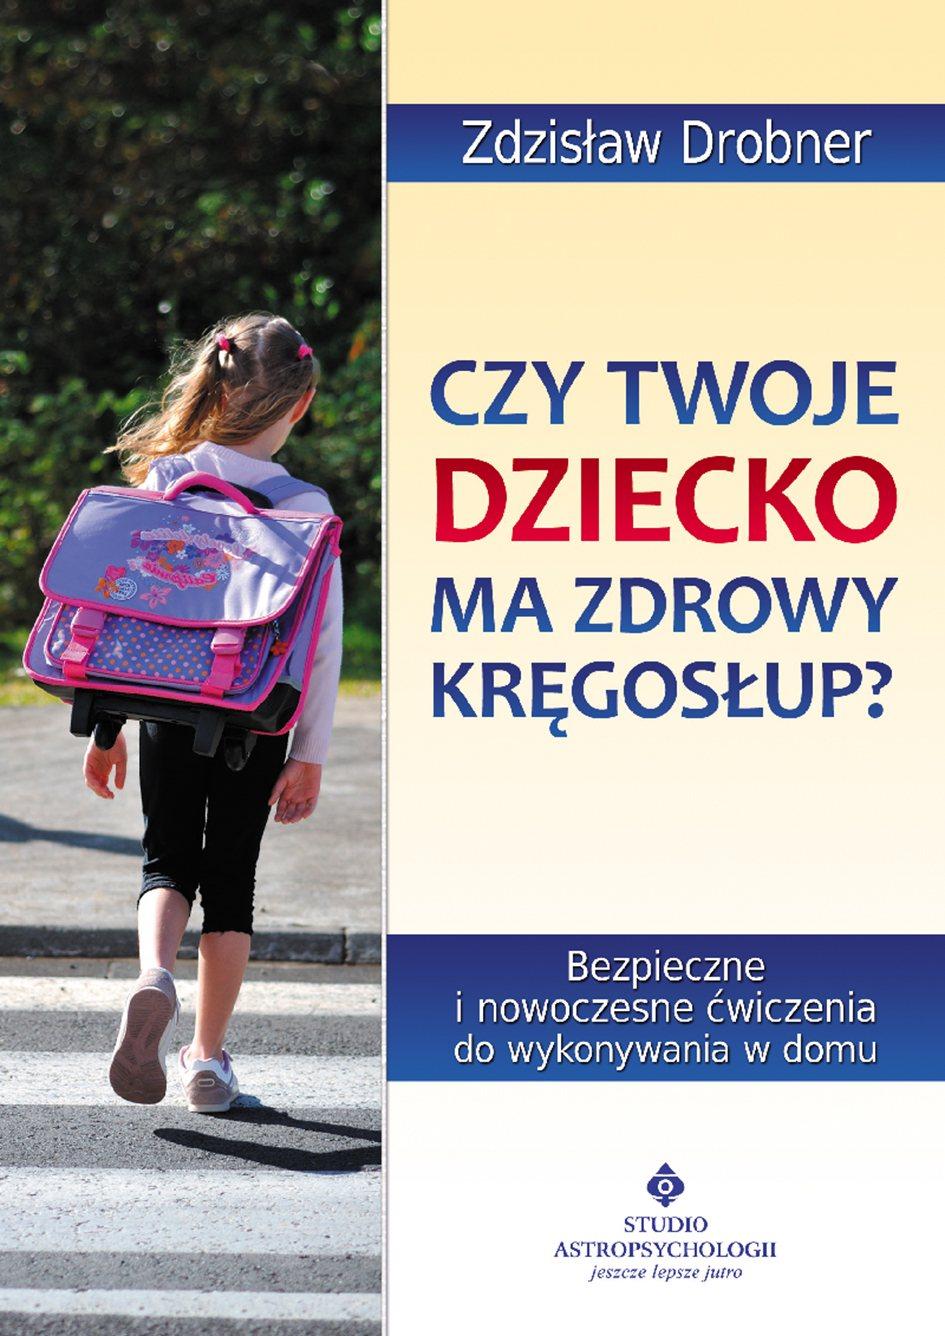 Czy Twoje dziecko ma zdrowy kręgosłup? Bezpieczne ćwiczenia do stosowania w domu - Ebook (Książka PDF) do pobrania w formacie PDF